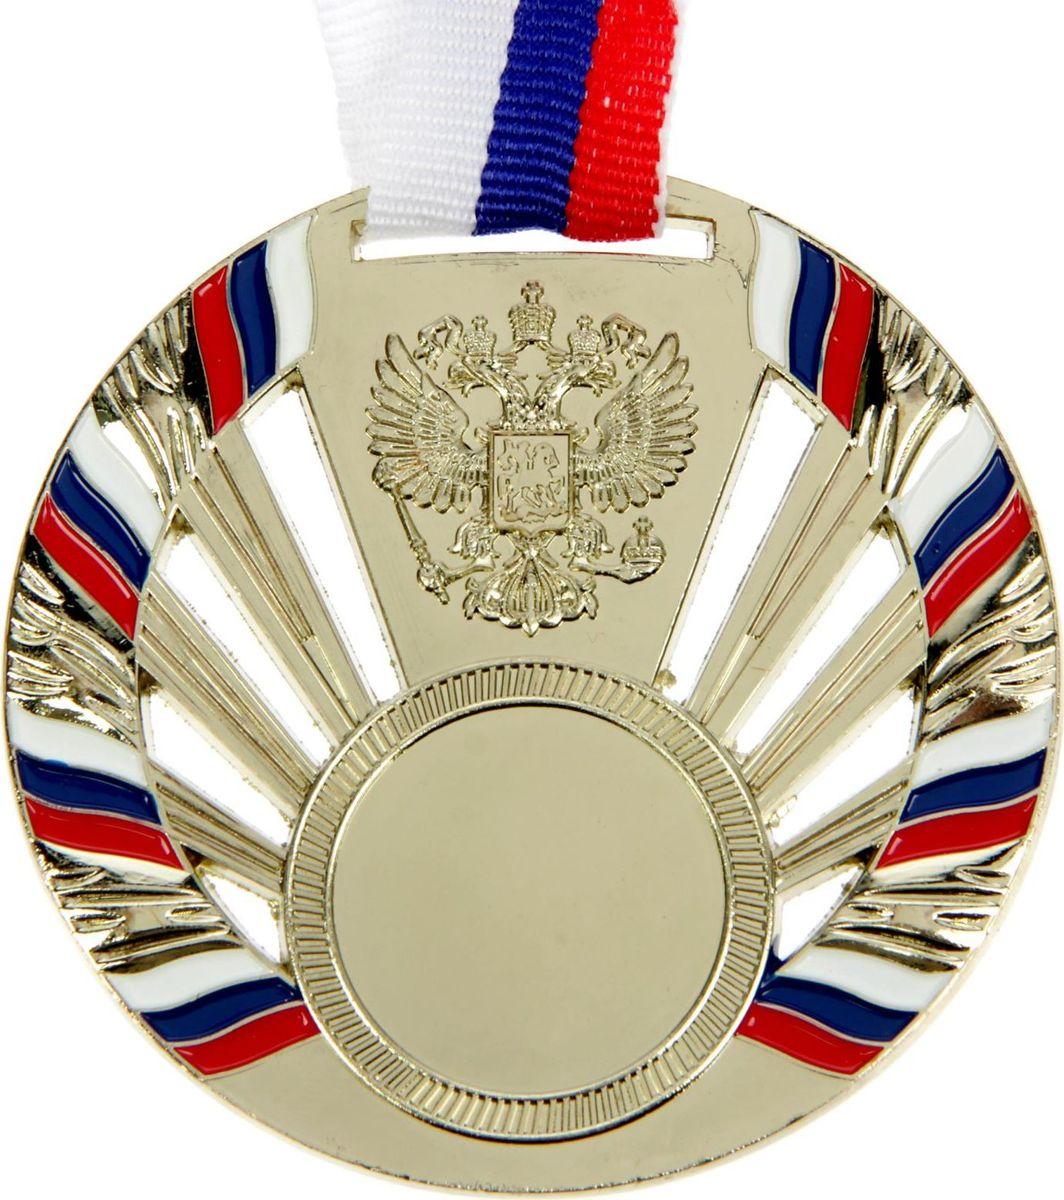 Медаль сувенирная с местом для гравировки, цвет: золотистый, диаметр 7 см. 040507603Пусть любая победа будет отмечена соответствующей наградой! Медаль — знак отличия, которым награждают самых достойных. Она вручается лишь тем, кто проявил настойчивость и волю к победе. Каждое достижение — это важное событие, которое должно остаться в памяти на долгие годы. изготовлена из металла, в комплект входит лента цвета триколор, являющегося одним из государственных символов России. Характеристики: Диаметр медали: 7 см Диаметр вкладыша (лицо): 2,5 см Диаметр вкладыша (оборот): 6,5 см Ширина ленты: 2 см.